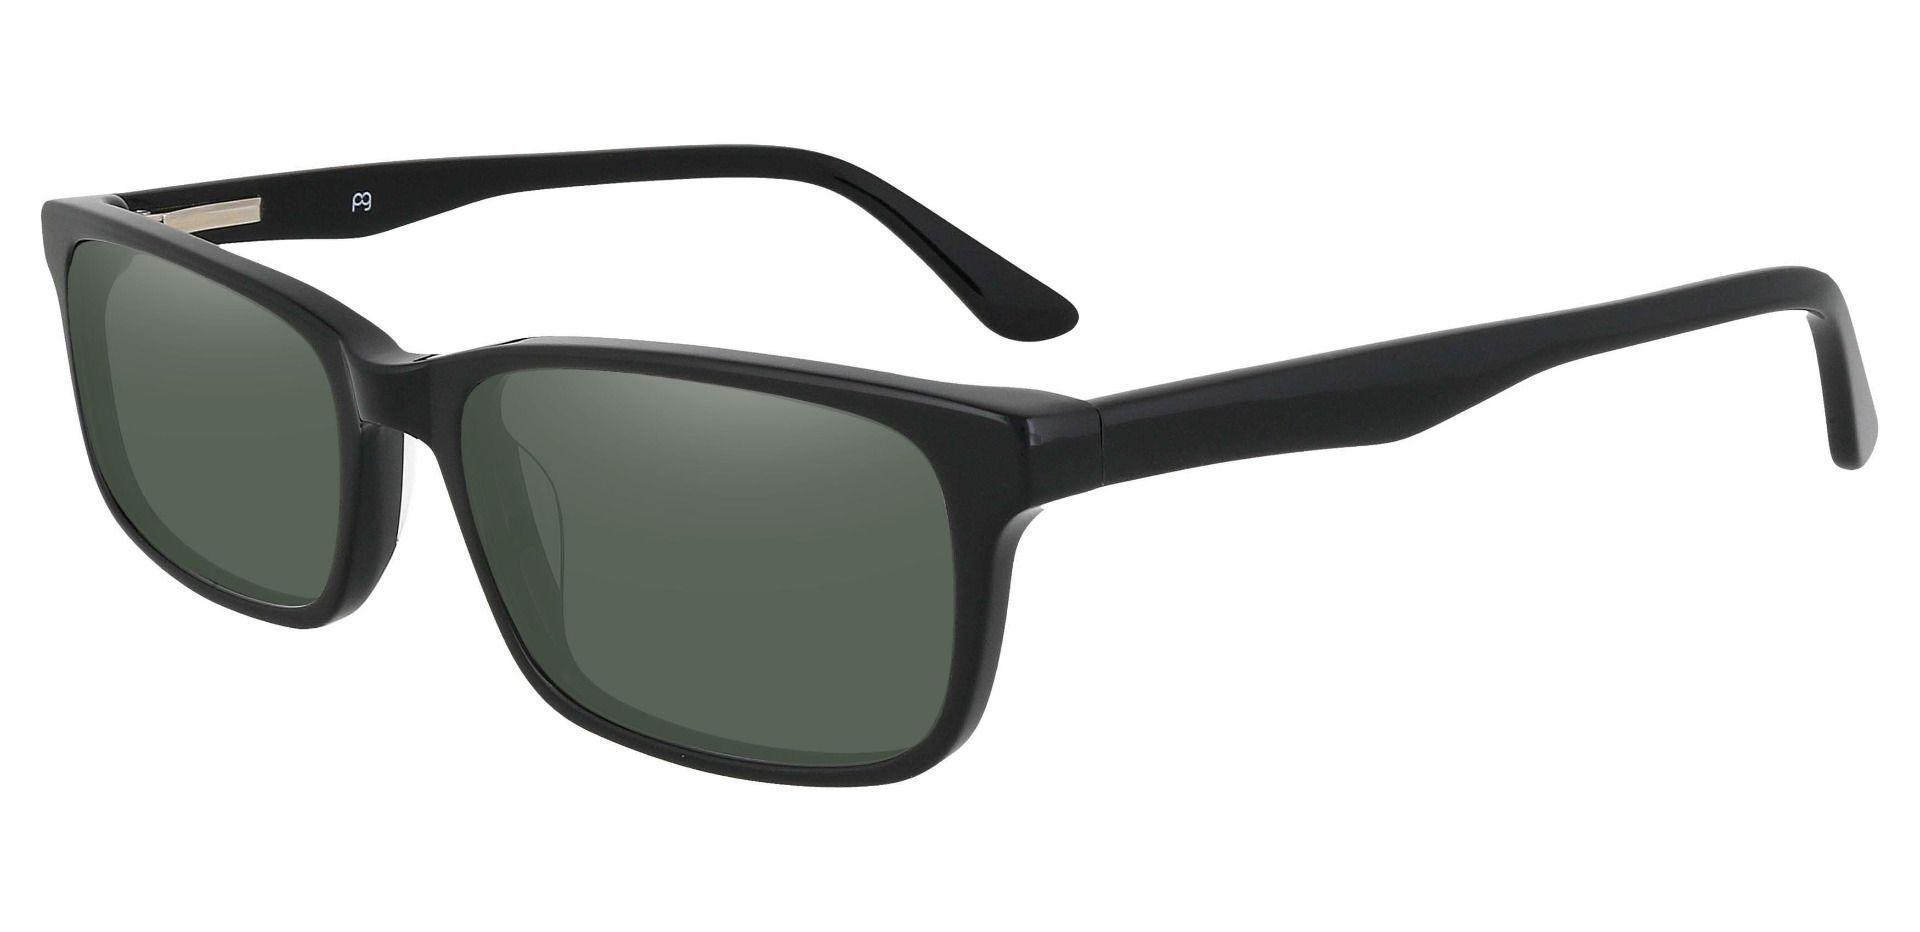 Ennis Rectangle Prescription Sunglasses - Black Frame With Green Lenses